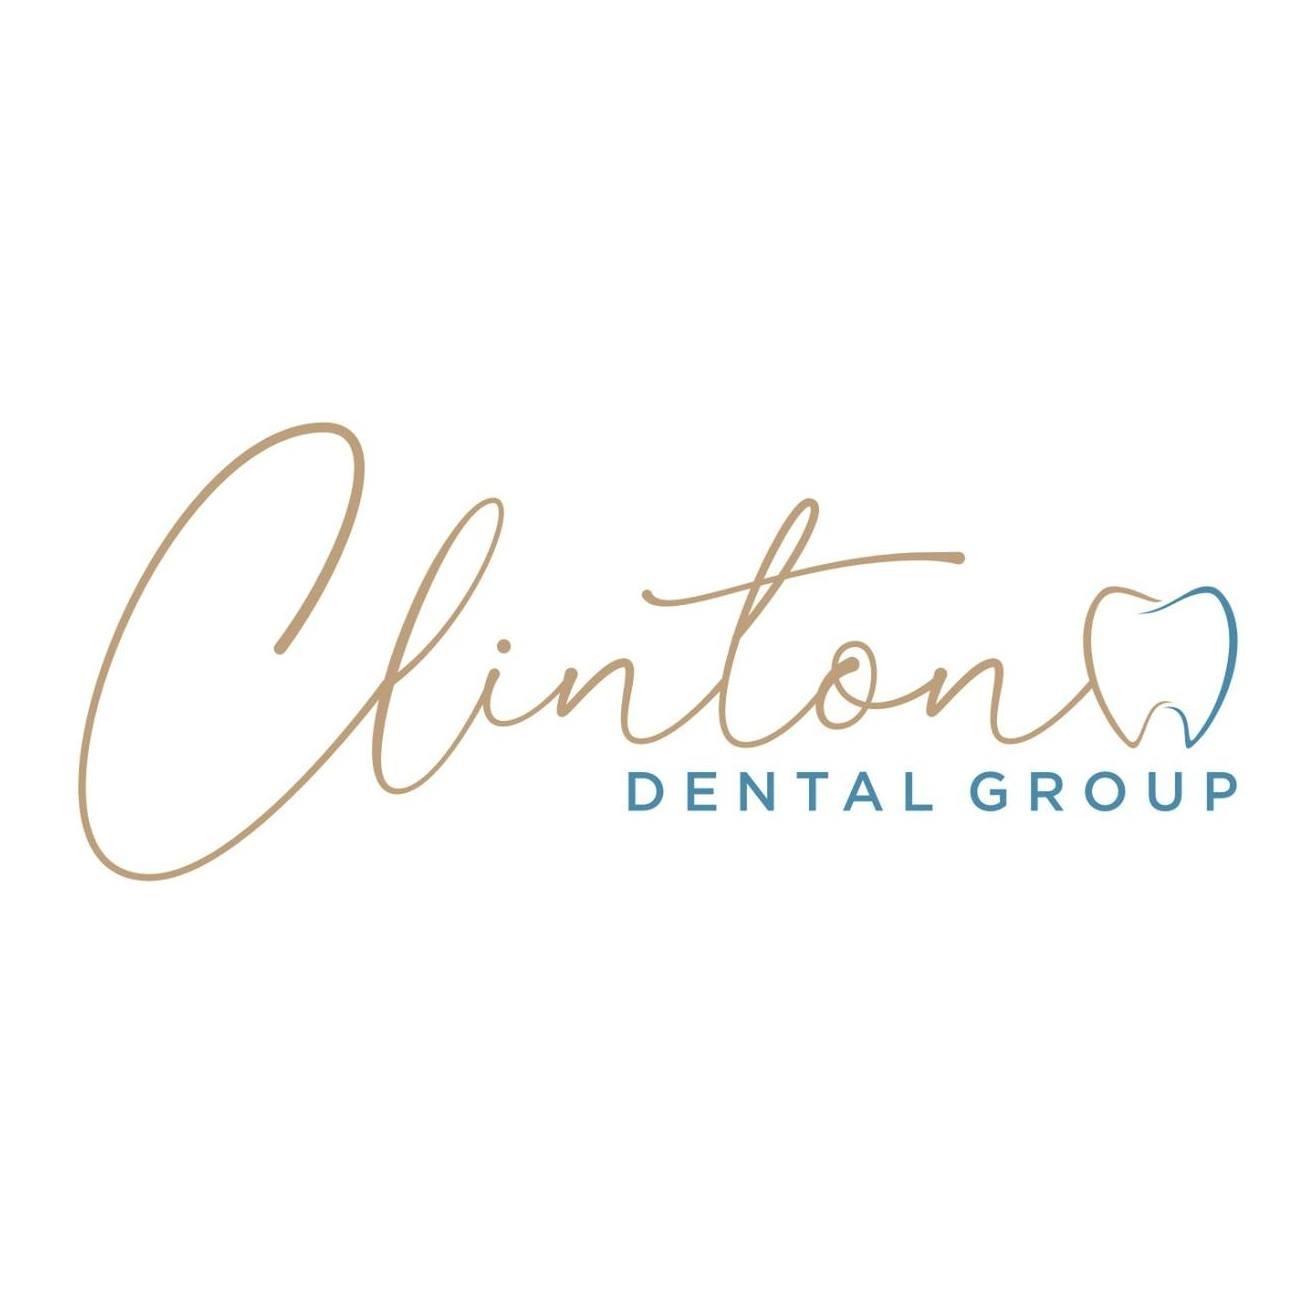 Clinton Dental Group